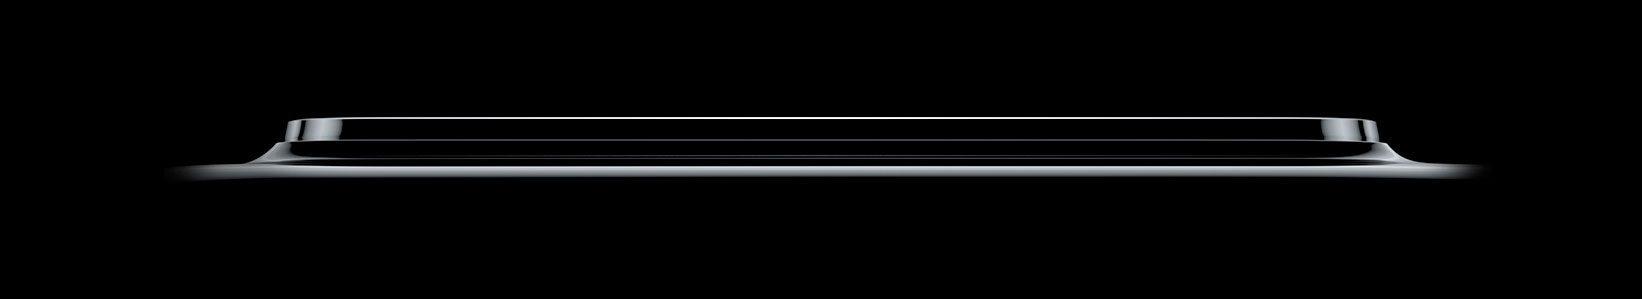 Móvil Huawei P40